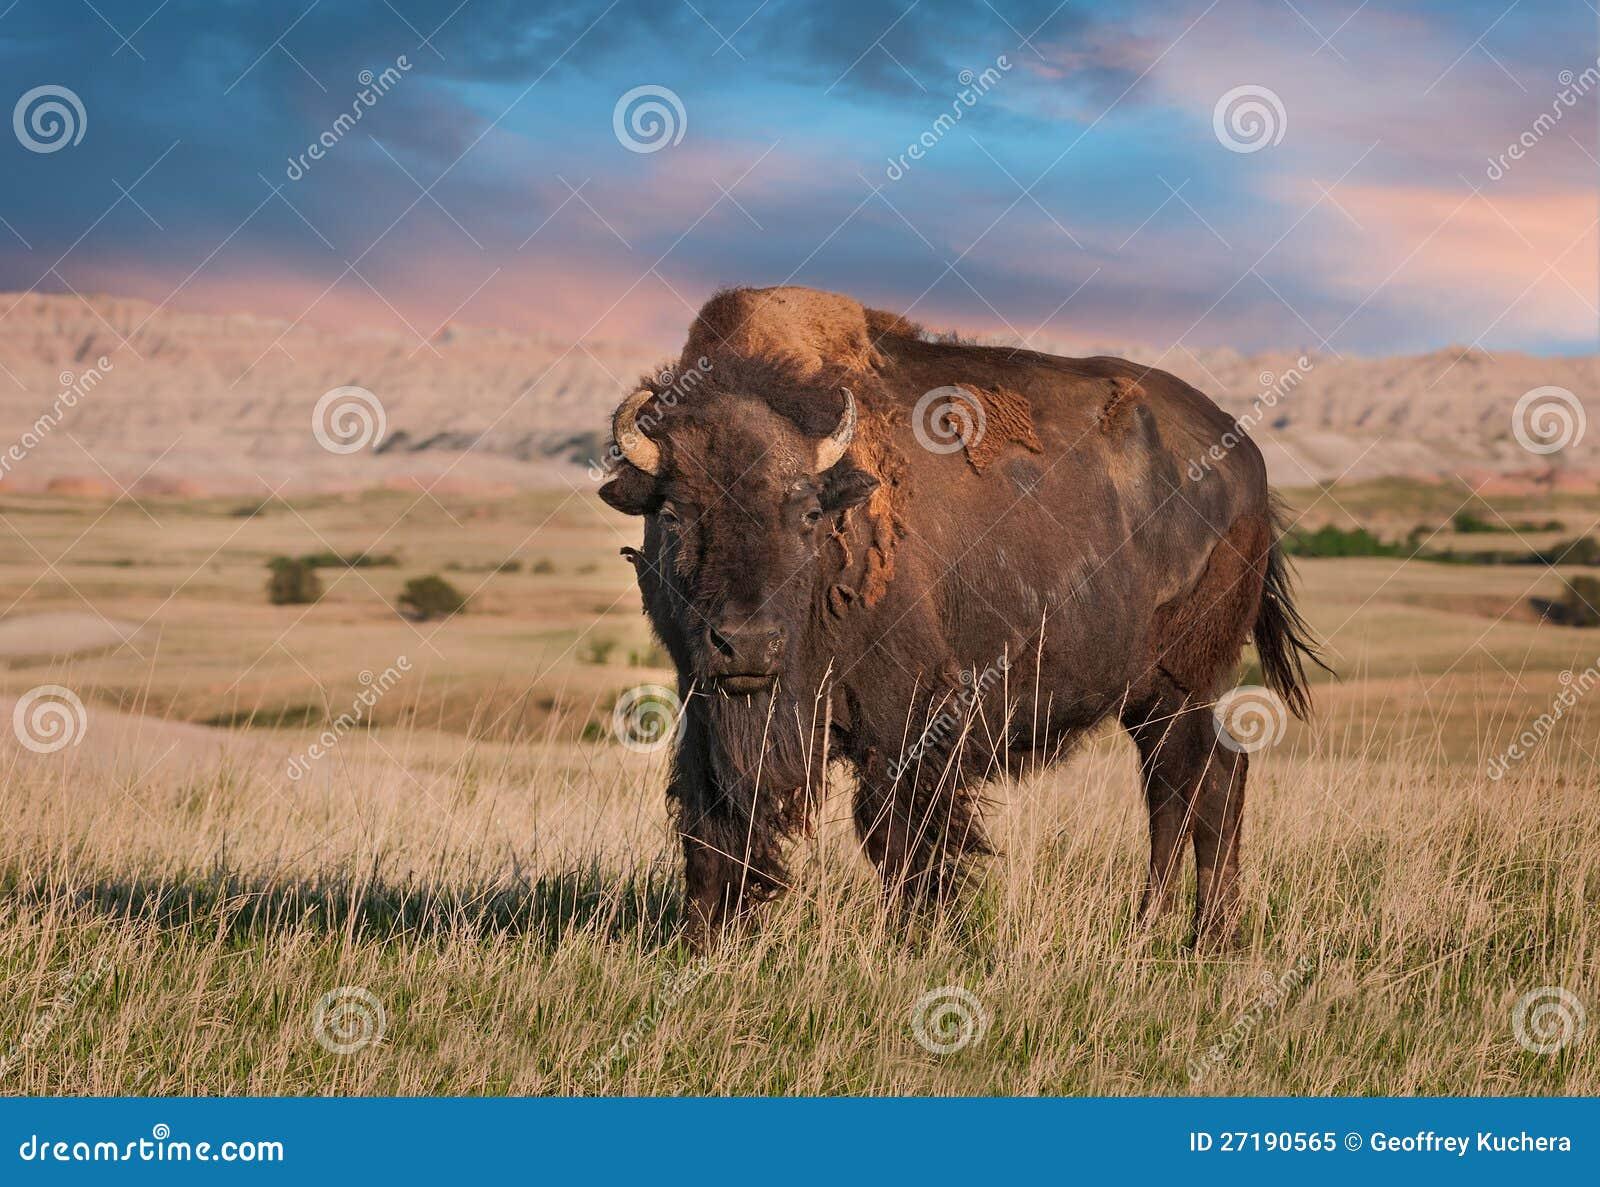 Badlands American Bison Bull